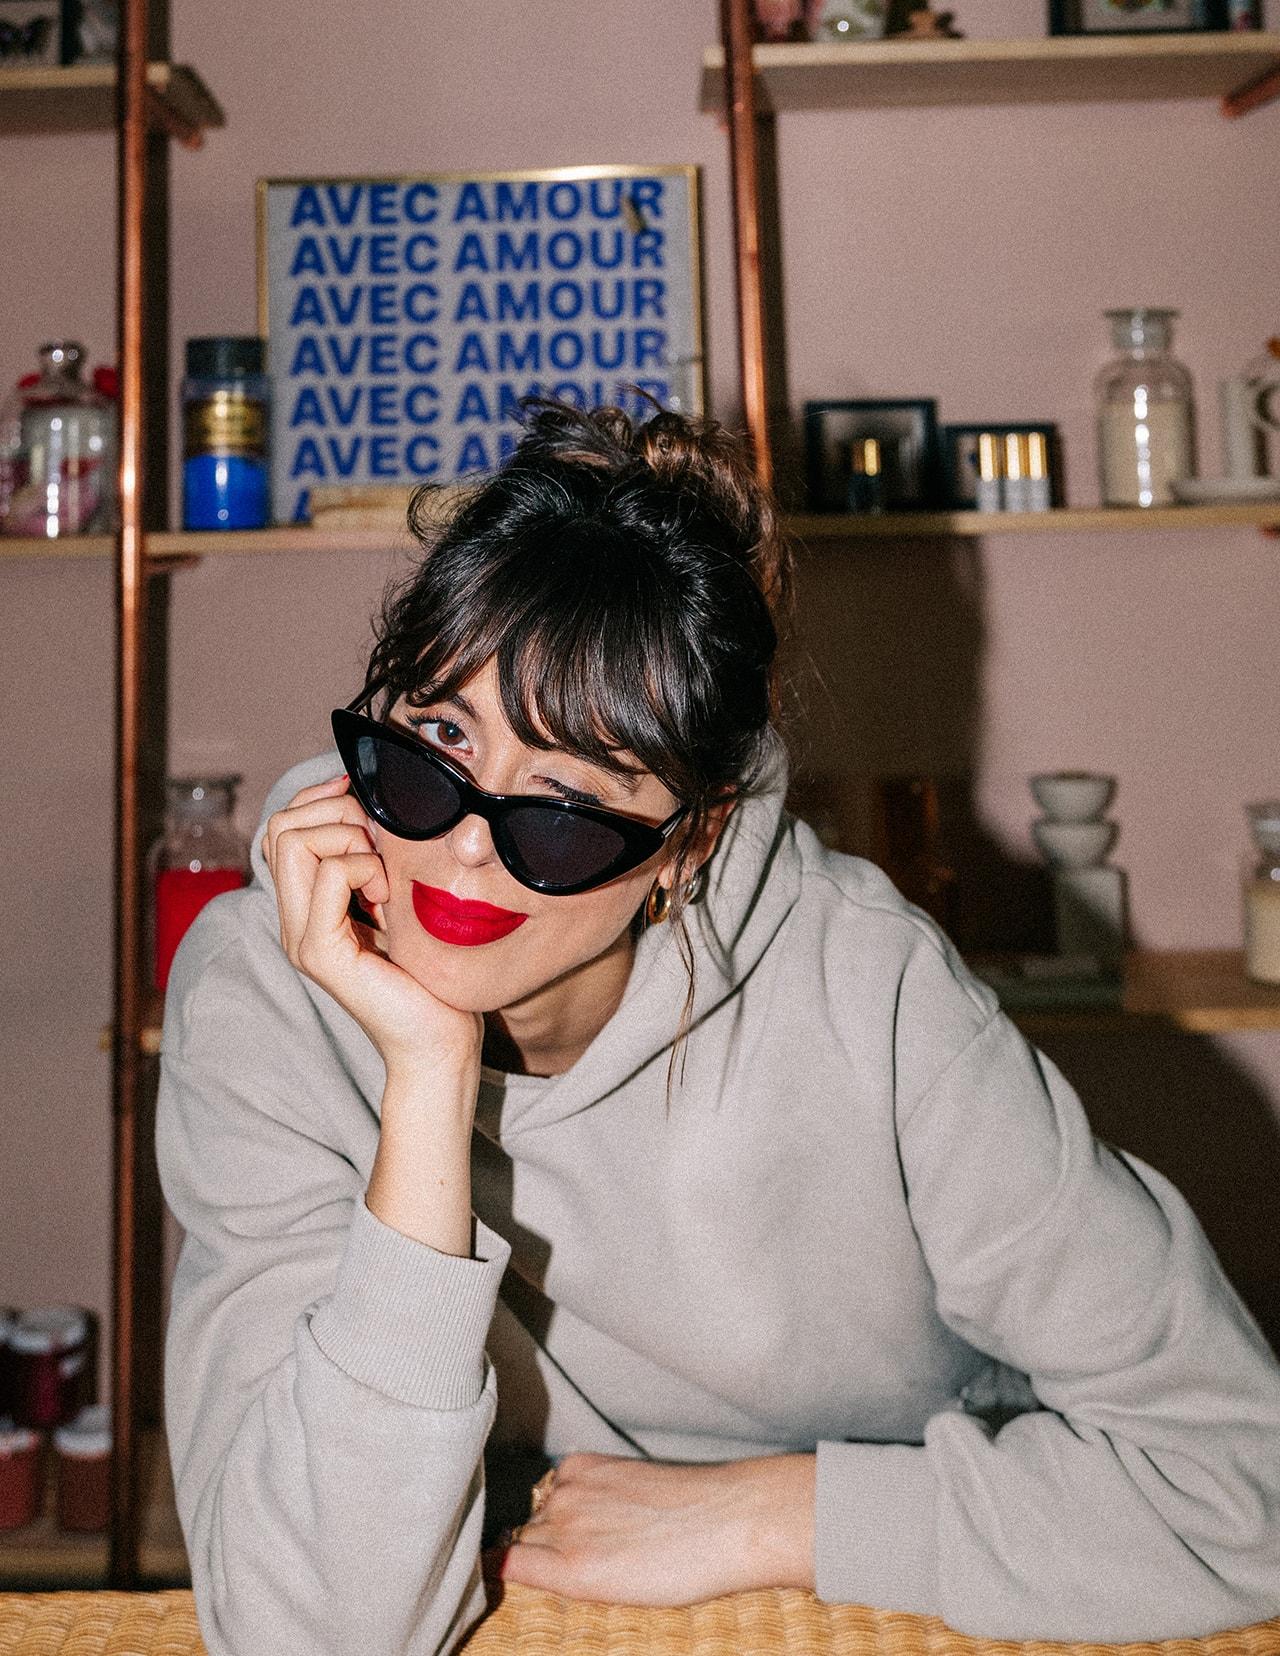 Violette FR Serrat French Makeup Artist Beauty Brand Founder Bisous Skateboards T-Shirt